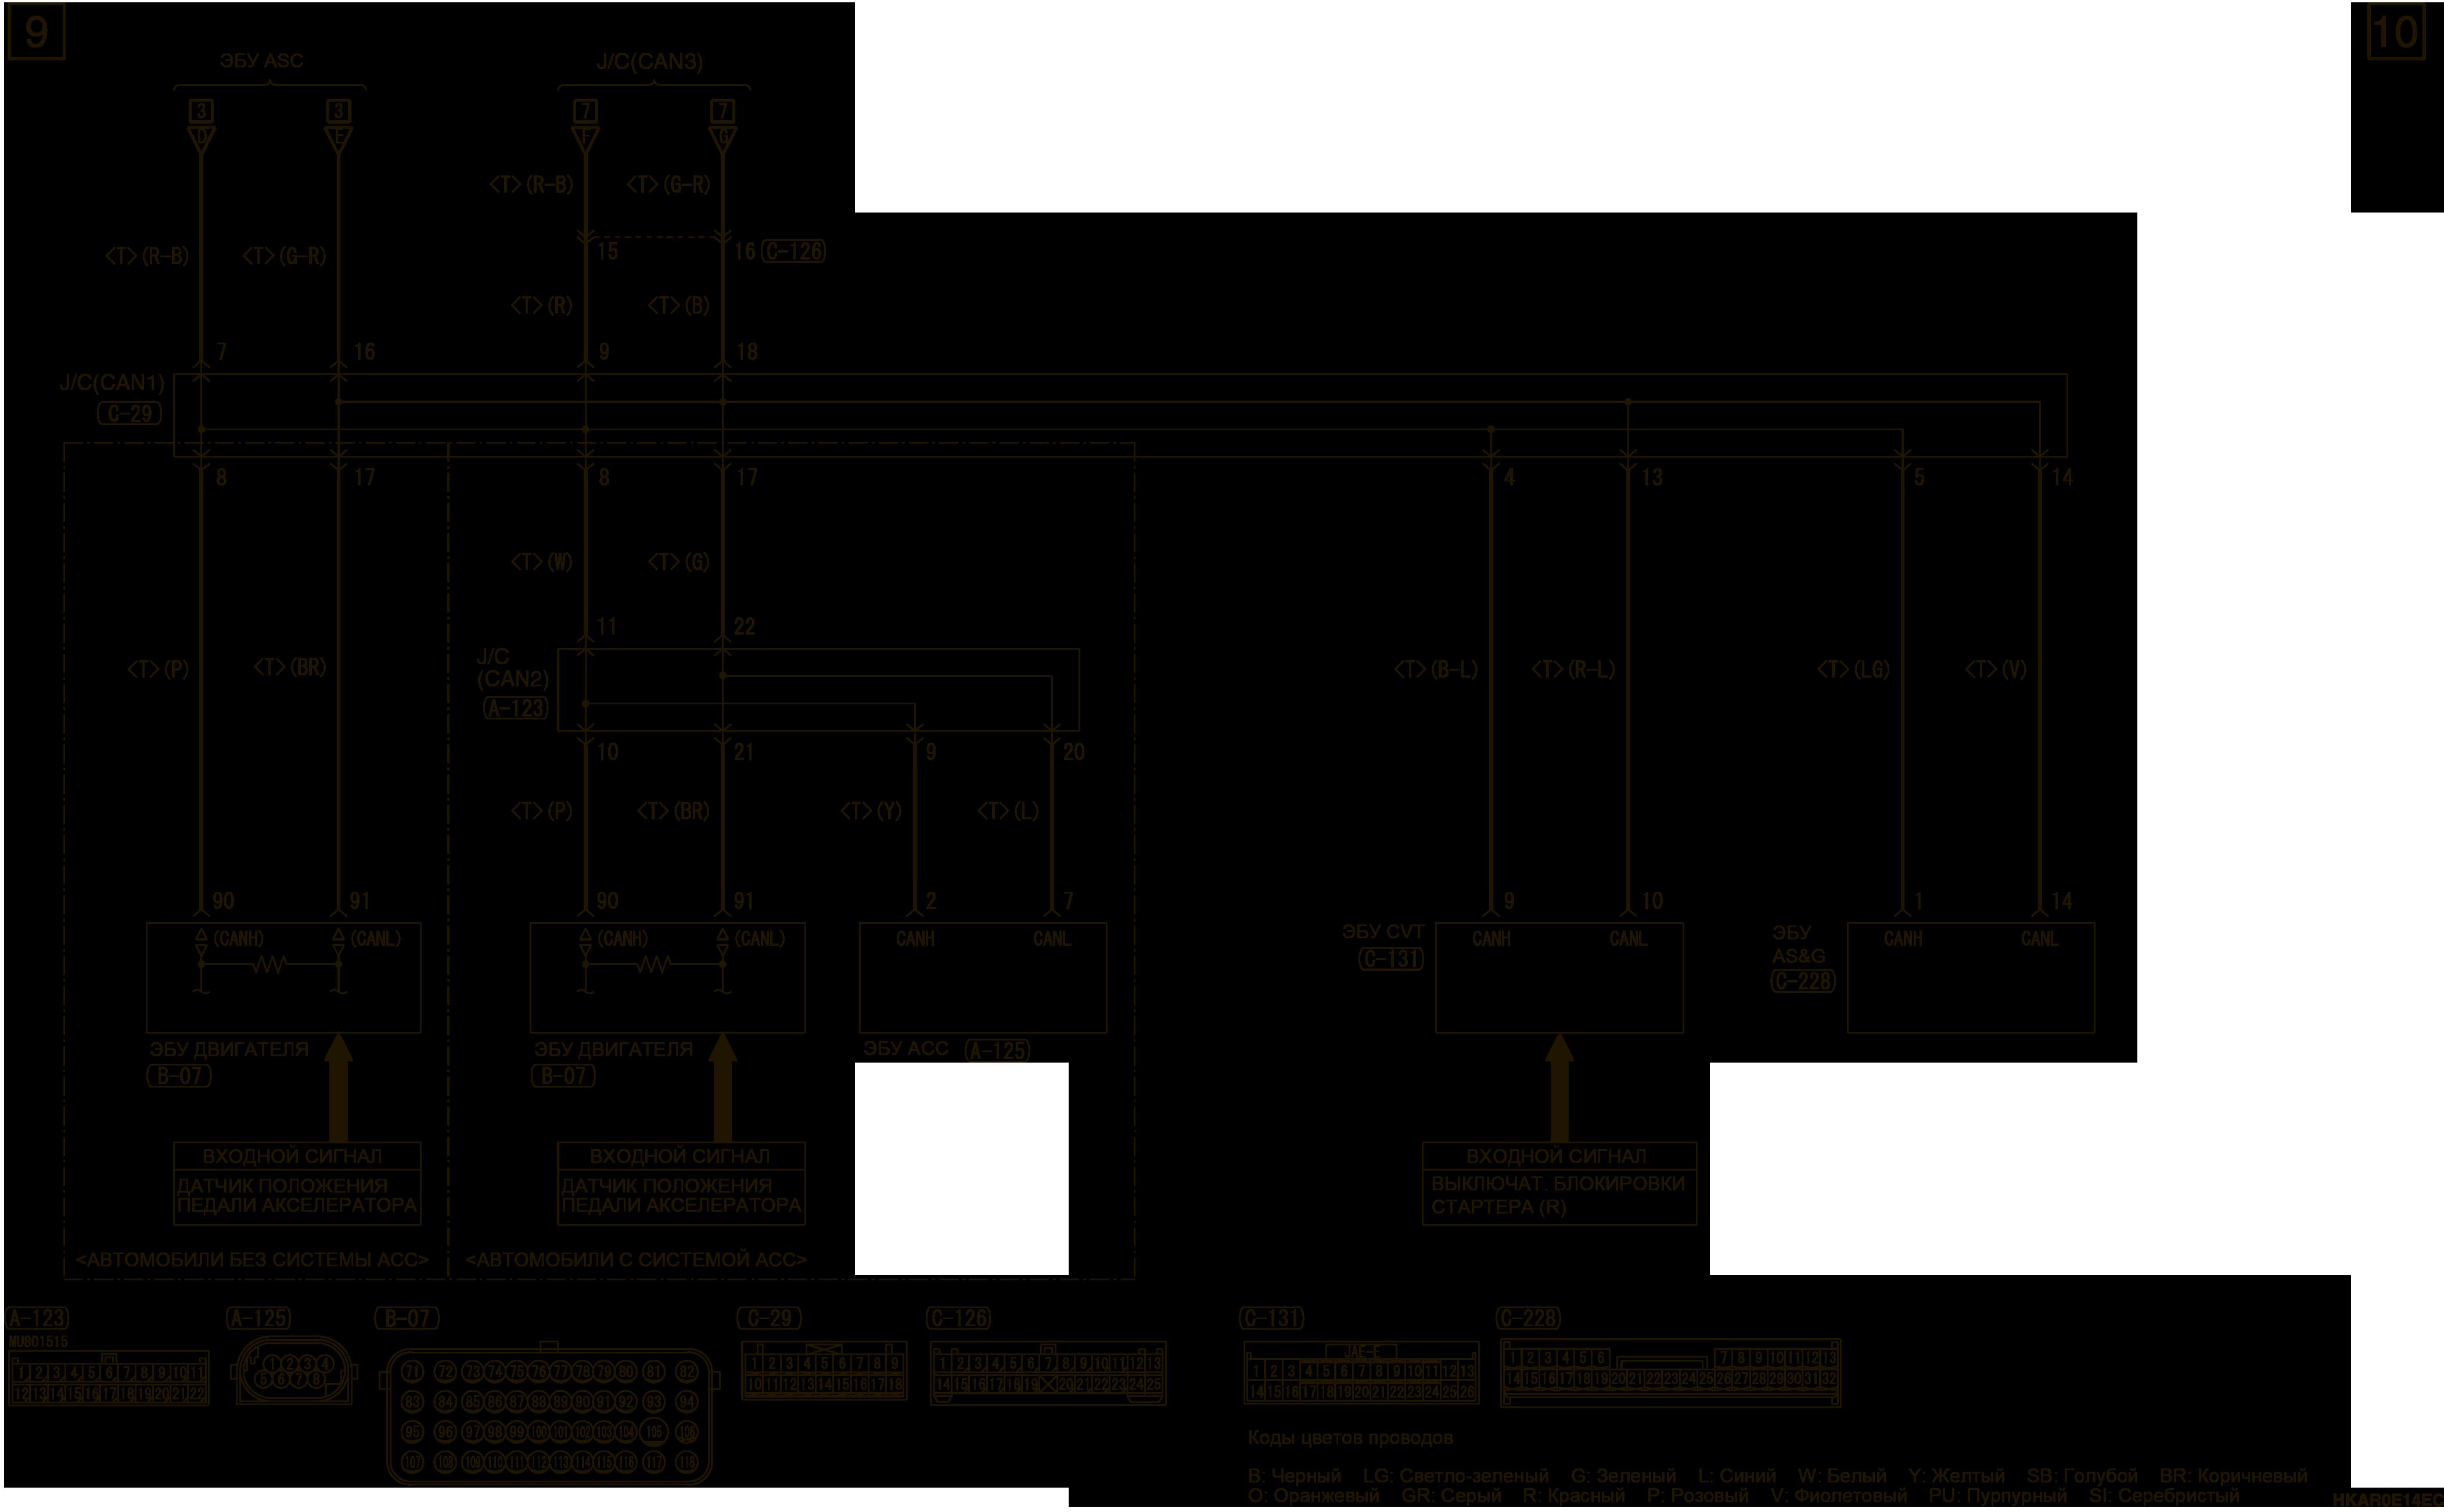 mmc аутлендер 3 2019 электросхемаСИСТЕМА ДИНАМИЧЕСКОЙ СТАБИЛИЗАЦИИ (ASC) И СИСТЕМА ПОМОЩИ ПРИ ТРОГАНИИ НА ПОДЪЕМЕ (HSA) ЛЕВОСТОРОННЕЕ УПРАВЛЕНИЕ